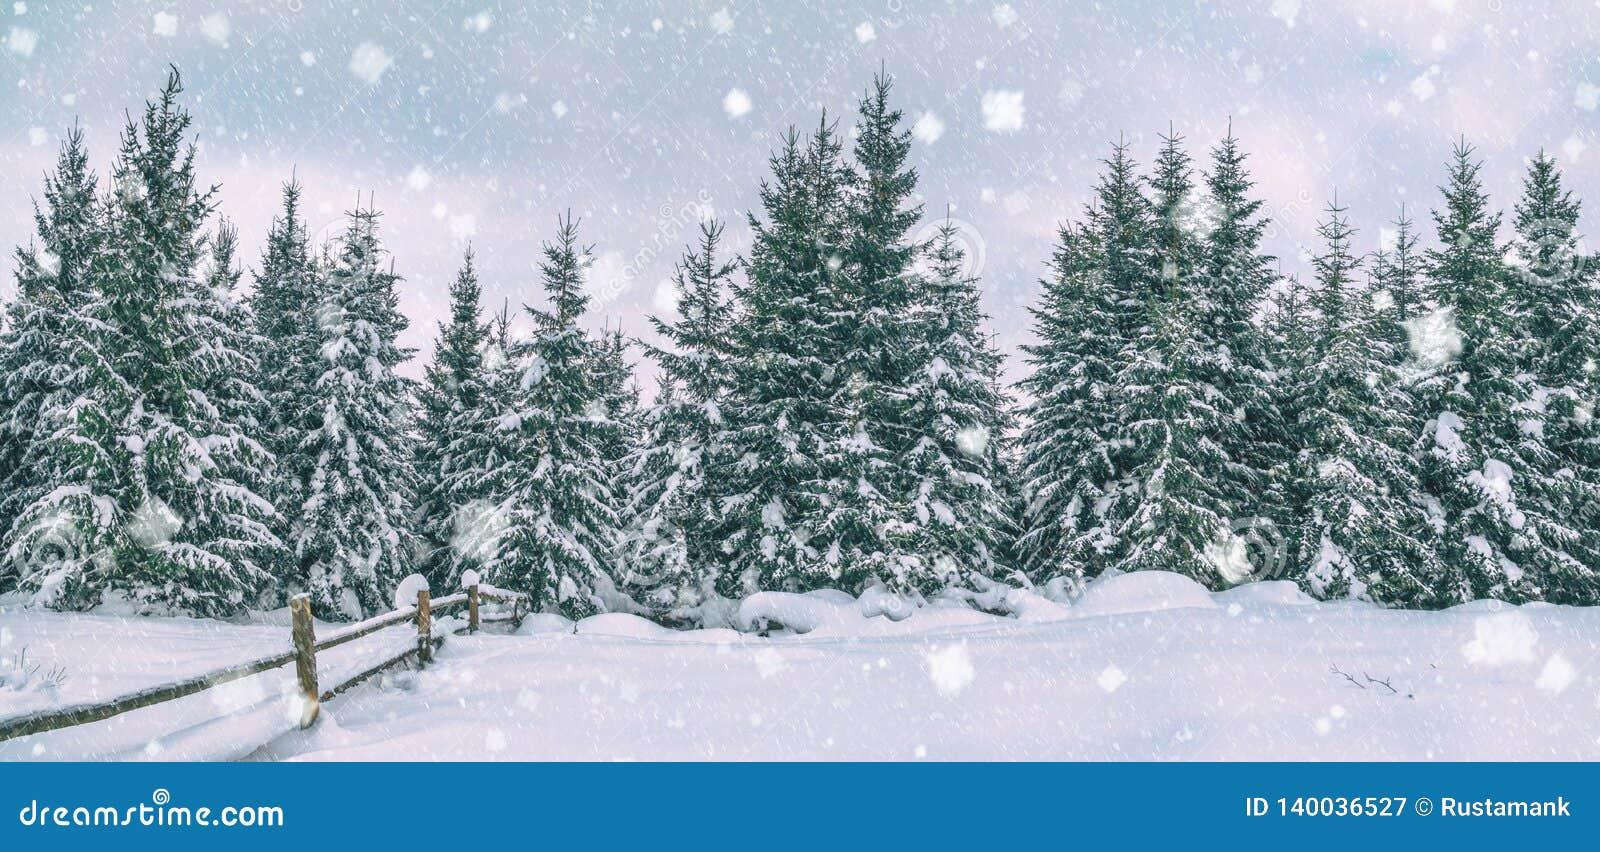 Сельский ландшафт зимы, панорама, знамя - взгляд снежного соснового леса